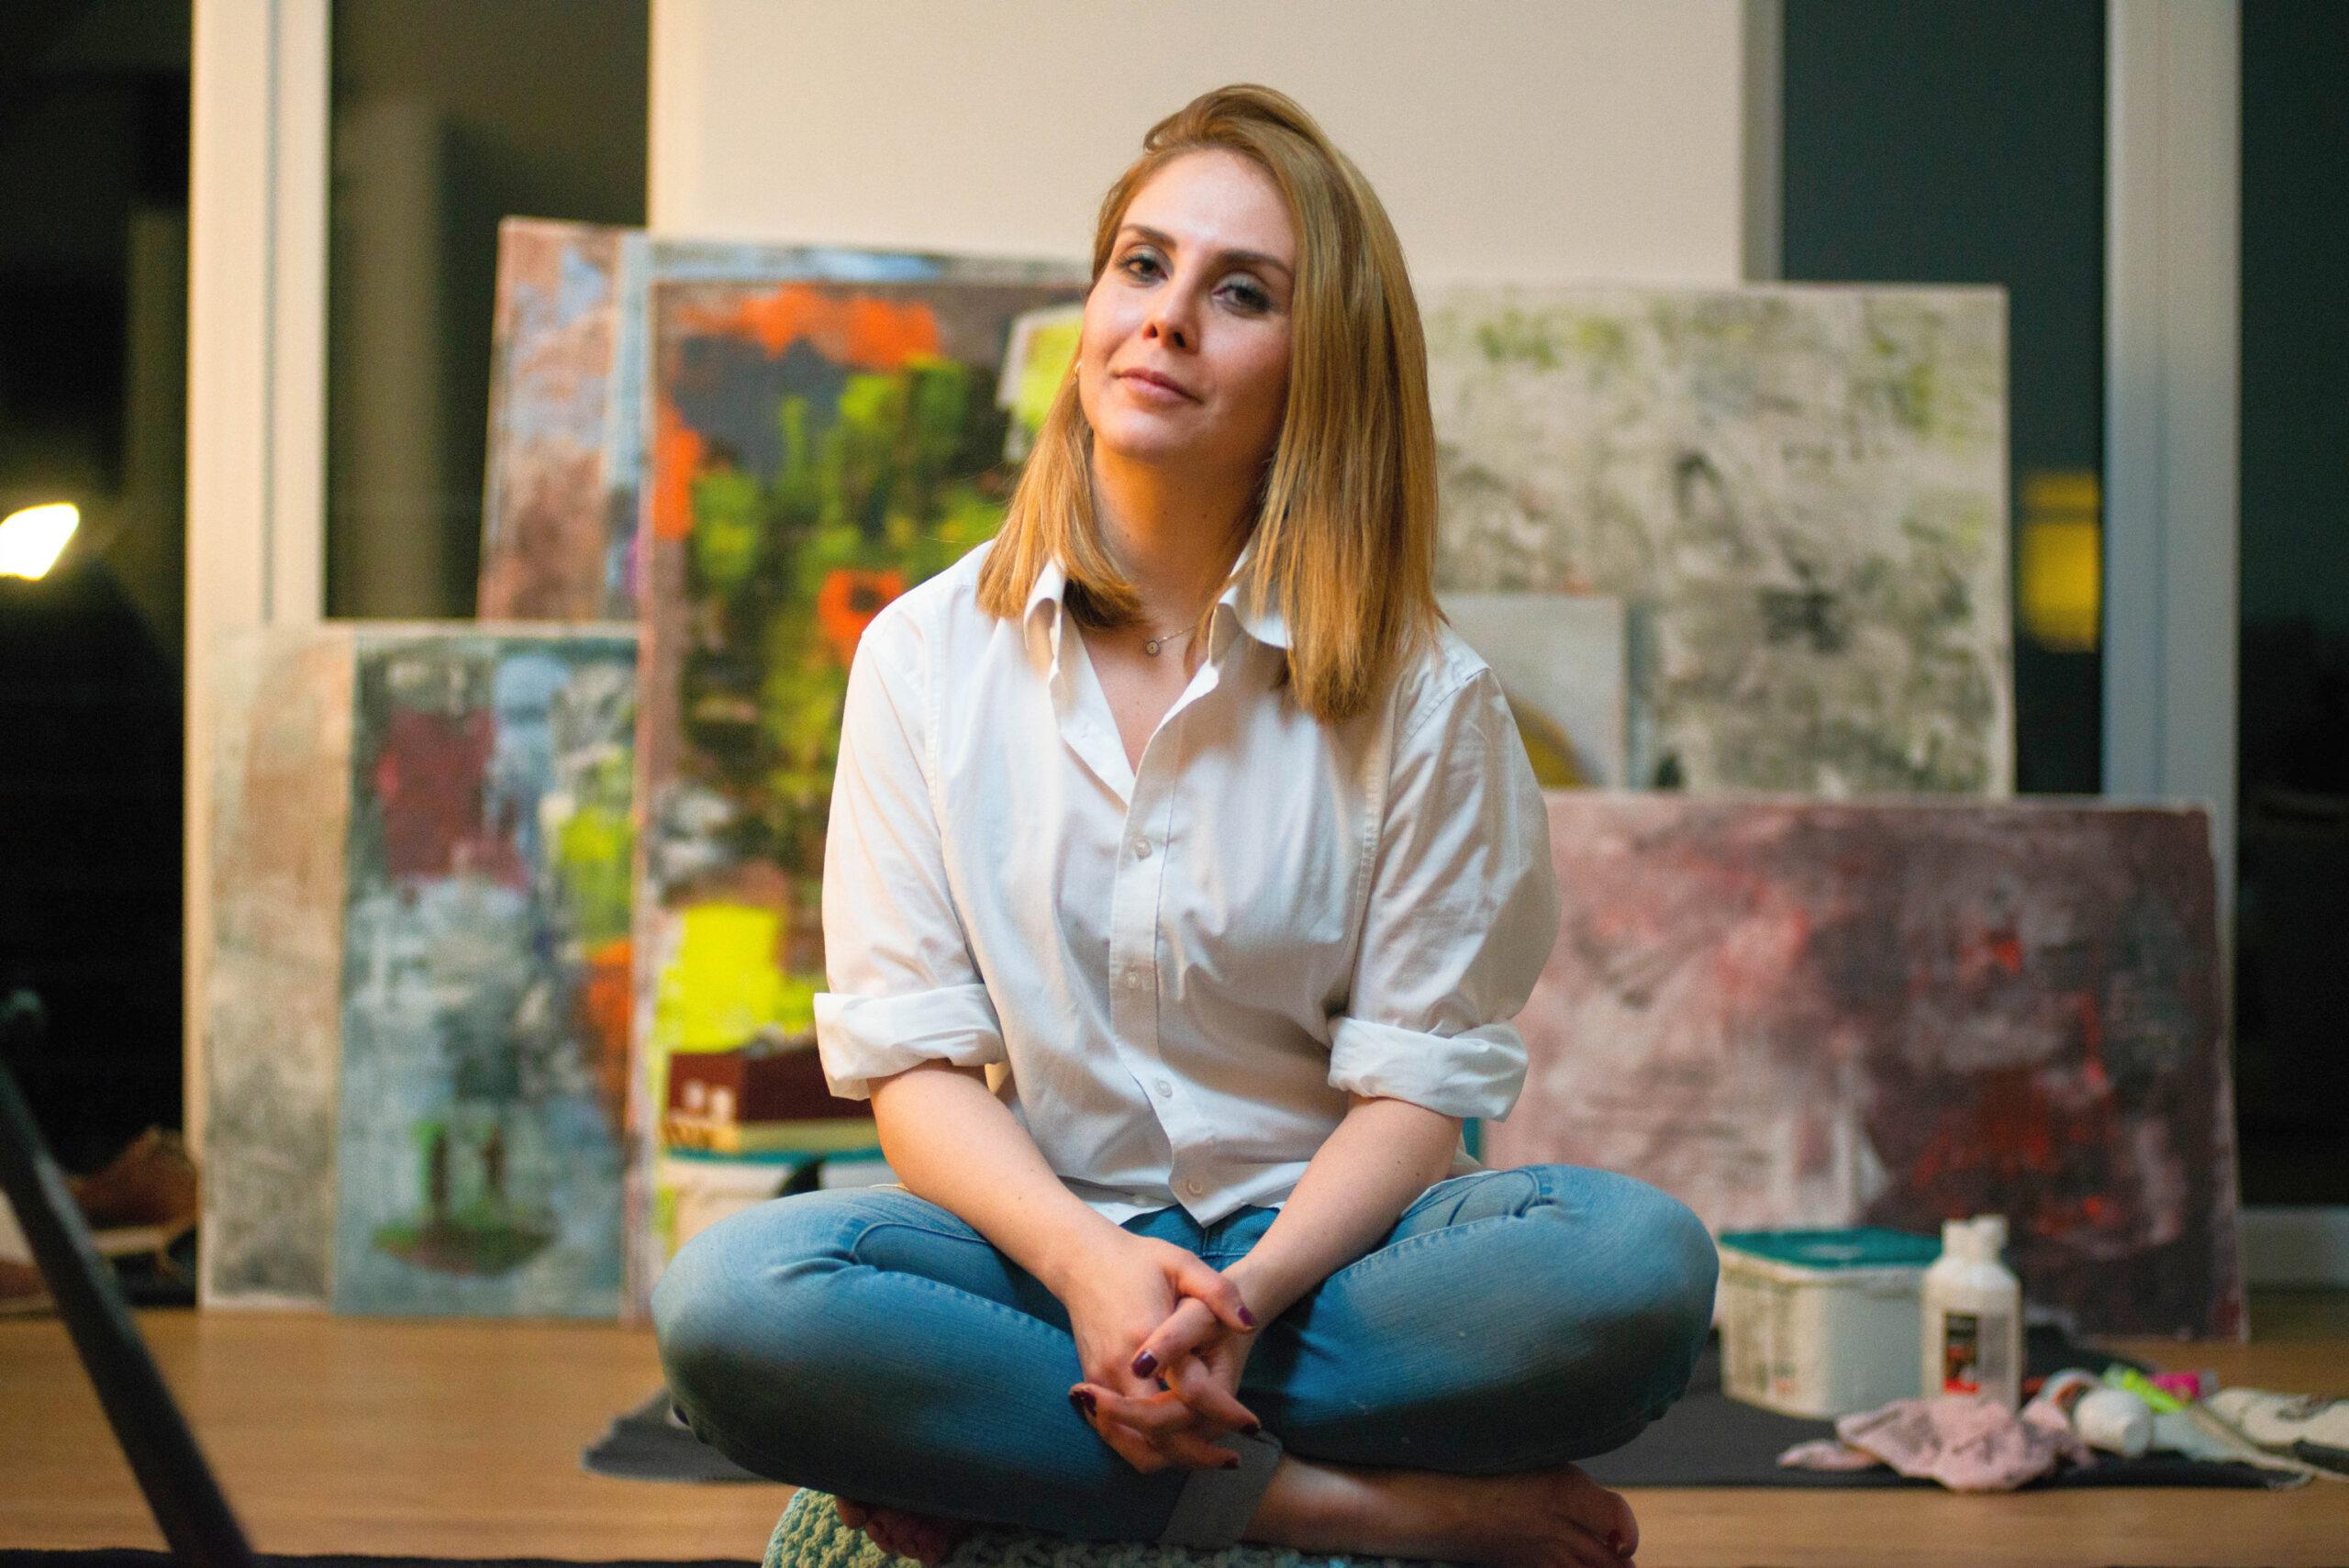 Die Künstlerin Khadija Batti im Schneidersitz vor ihren Gemälden.